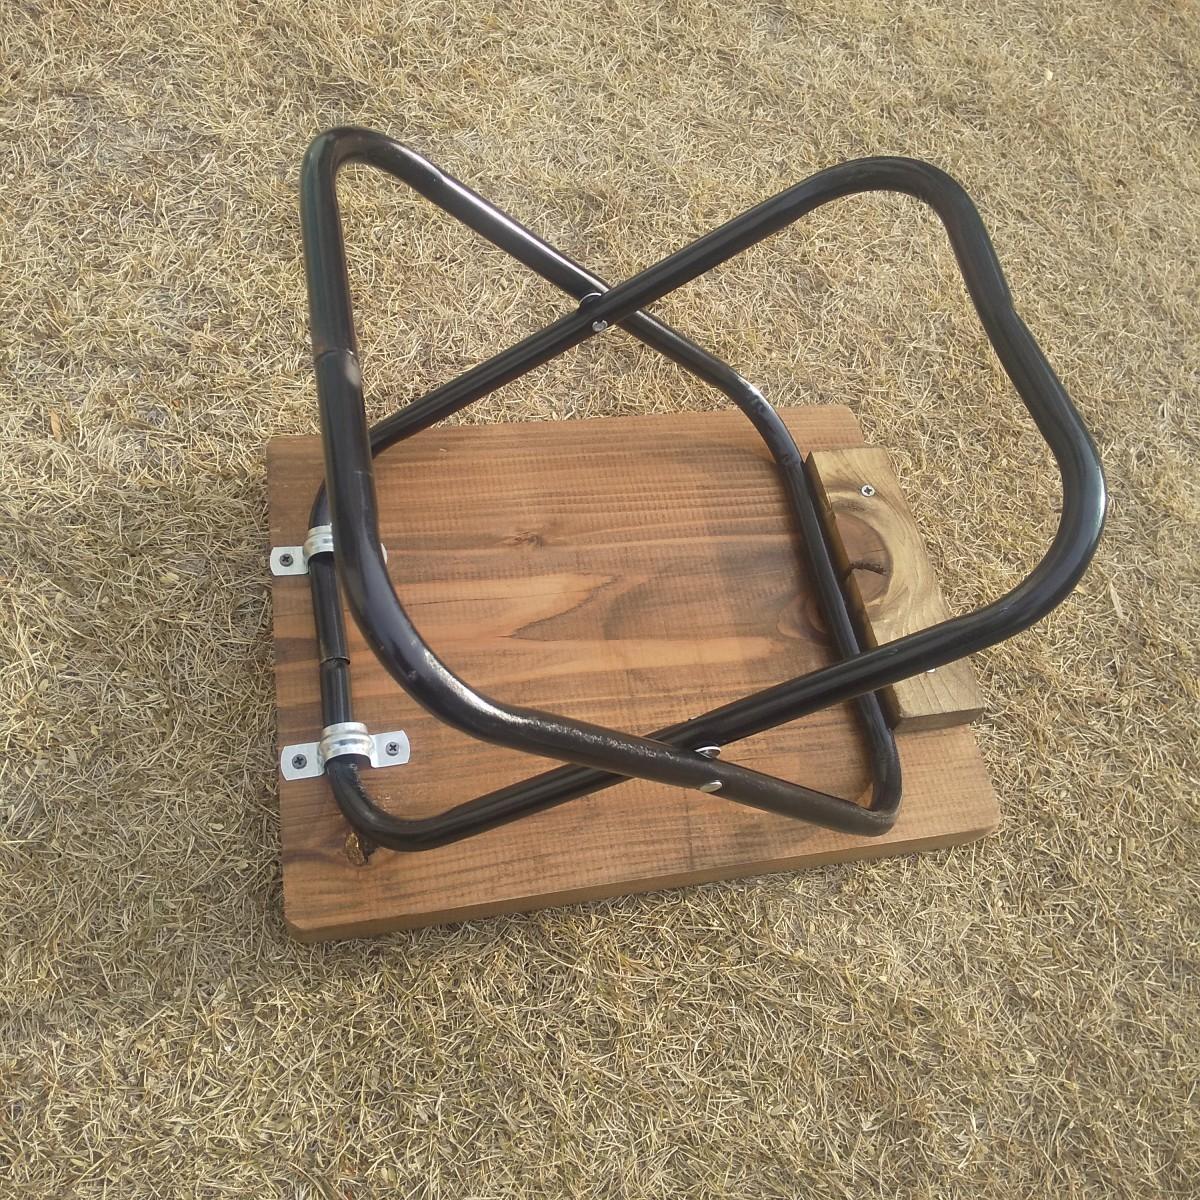 アウトドア用に 折り畳みミニテーブル 木製 ジャコブラウン